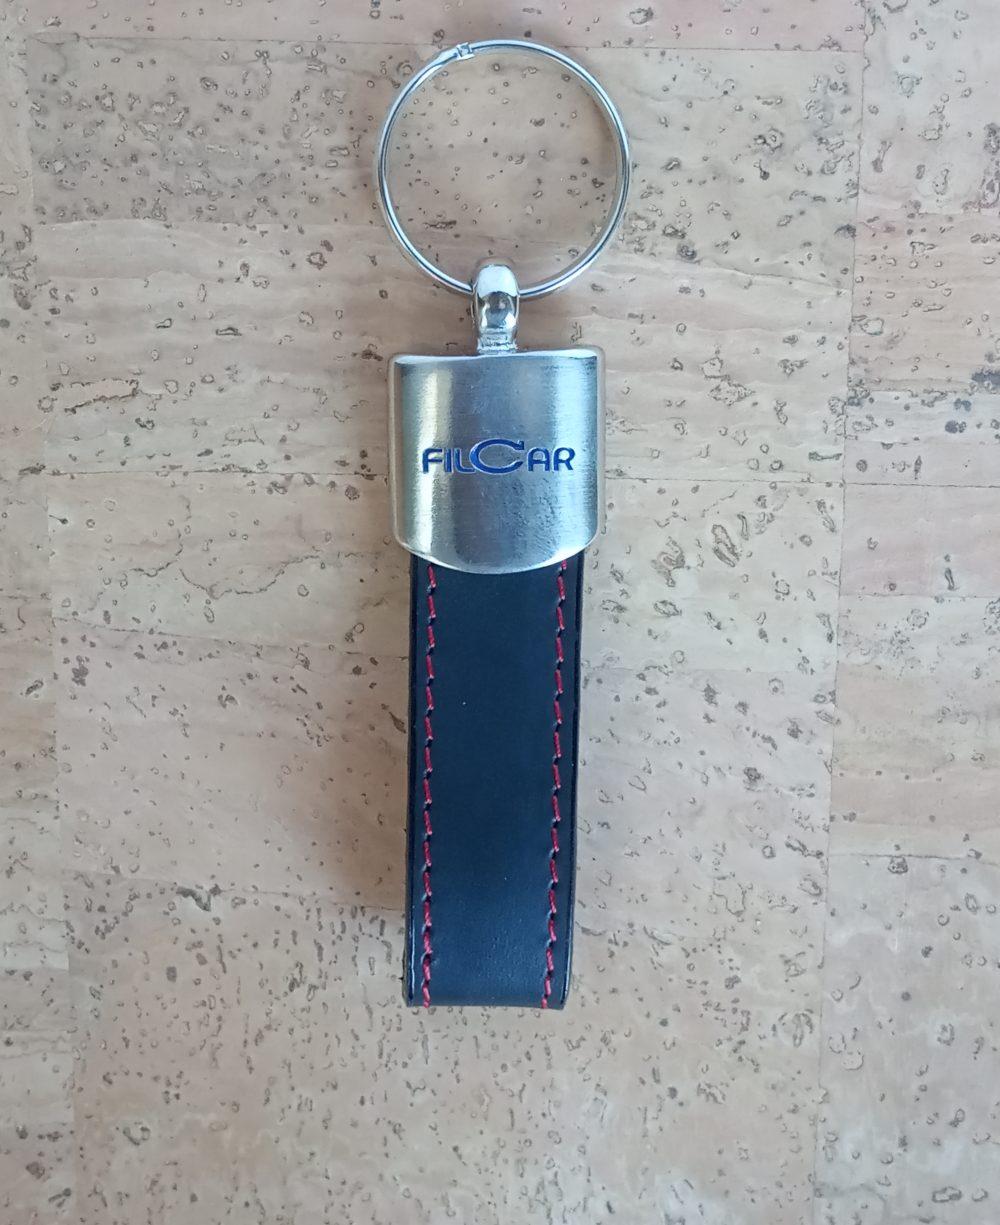 porta-chaves pele genuína